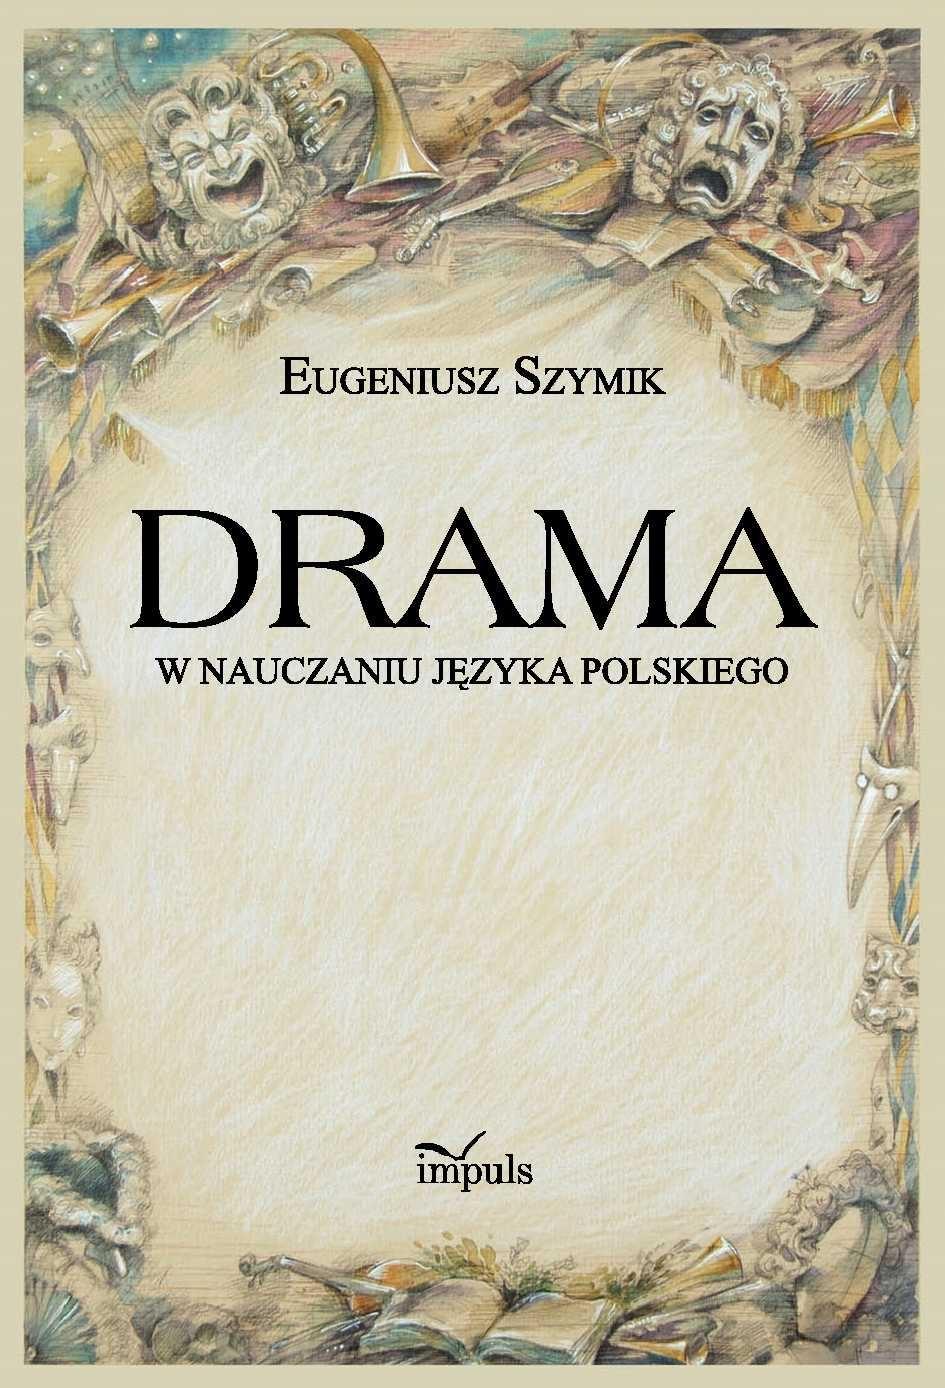 Drama w nauczaniu języka polskiego - Ebook (Książka PDF) do pobrania w formacie PDF